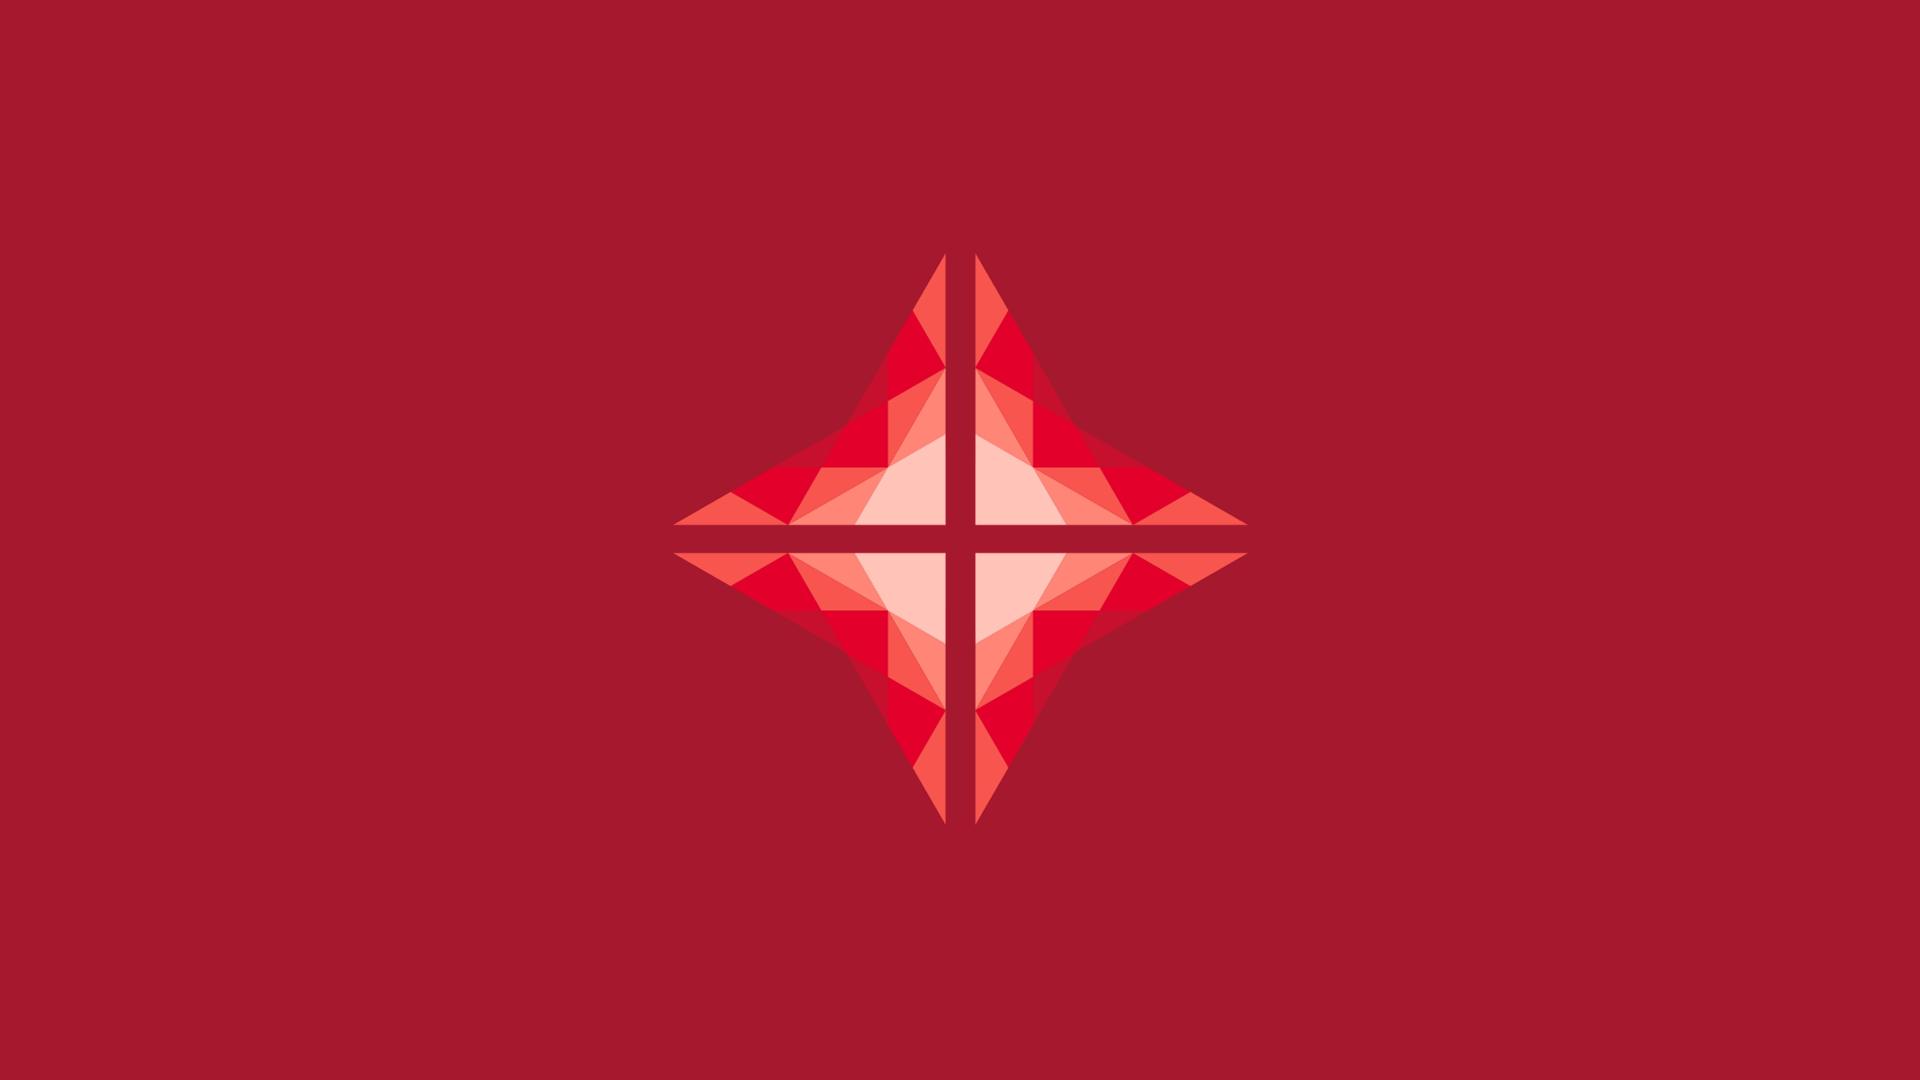 lp-red-logo.png